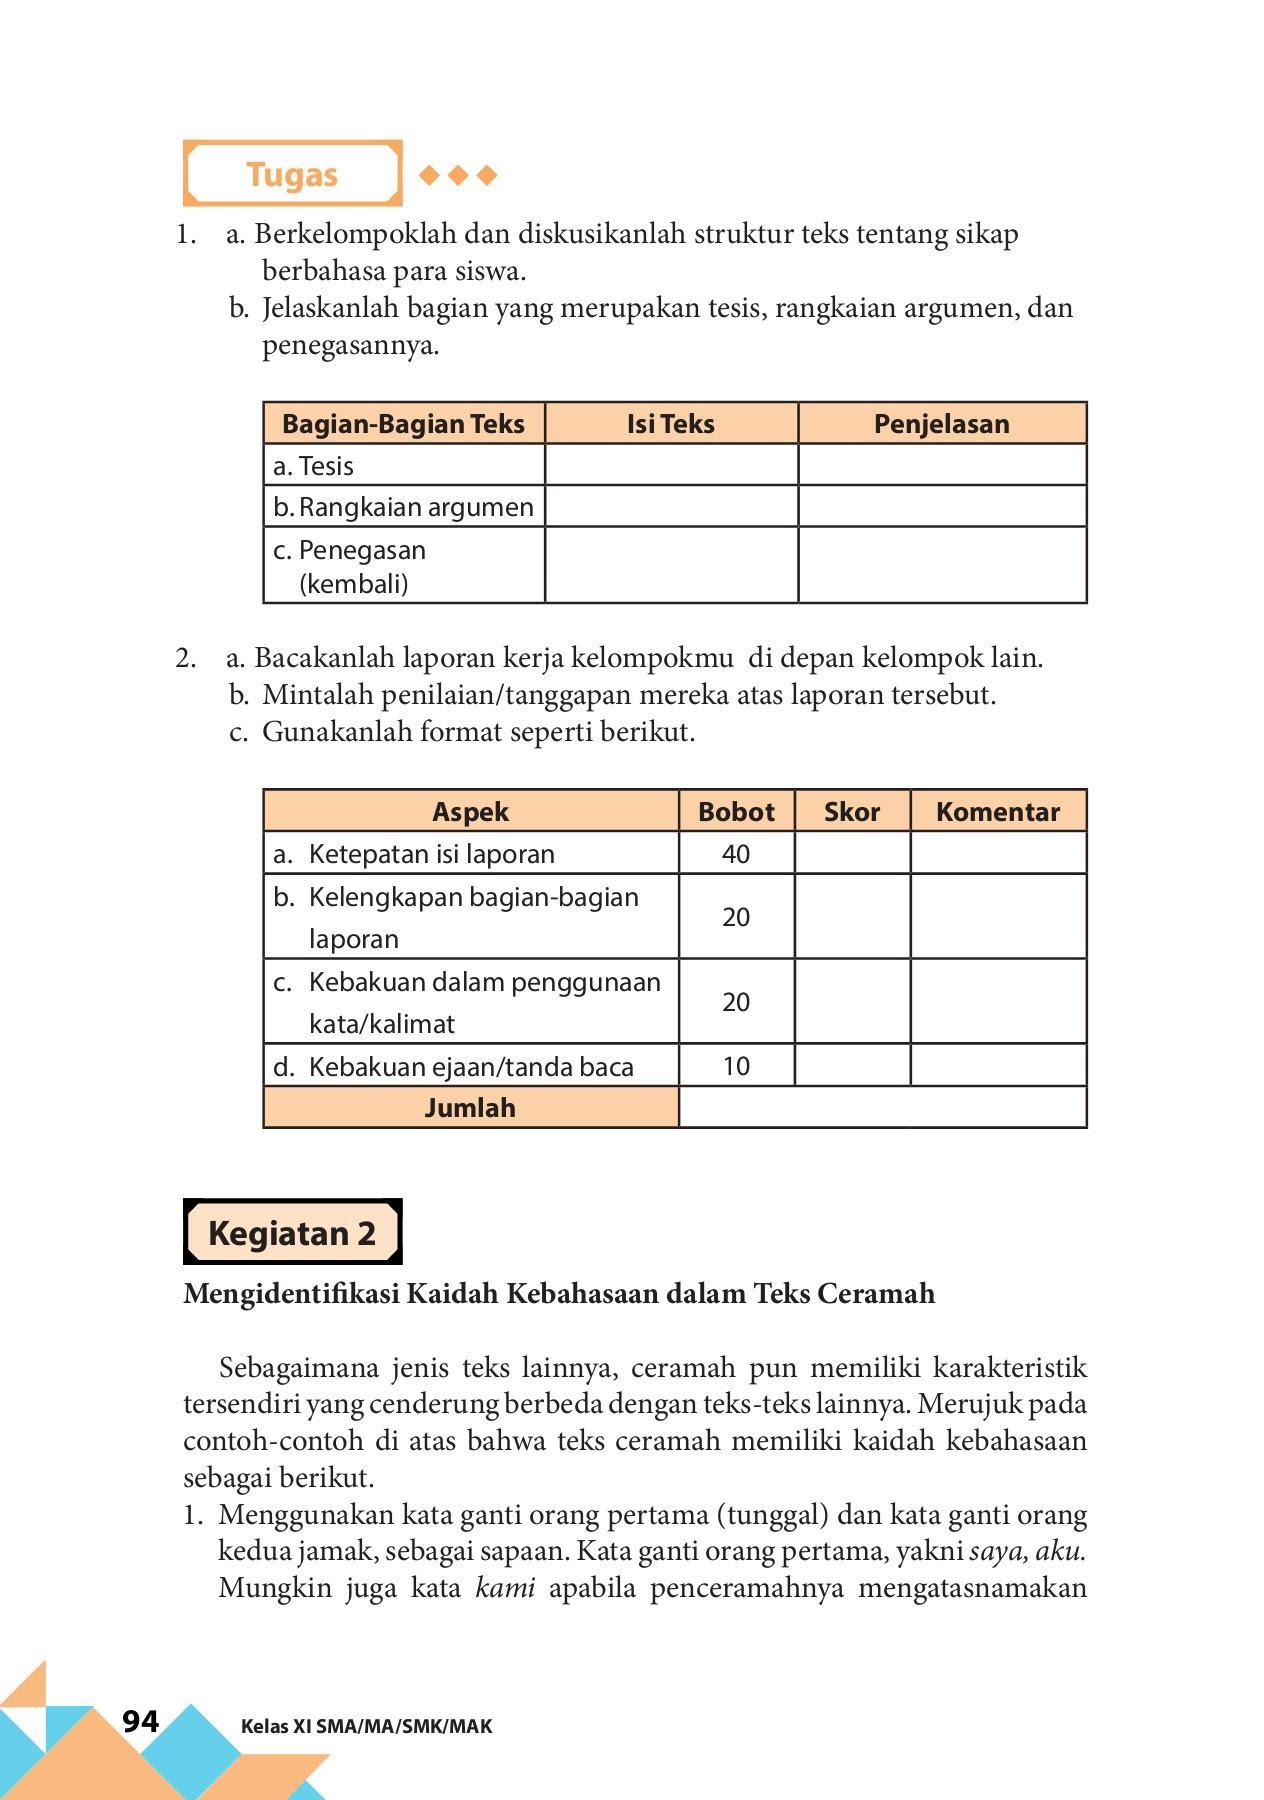 Secara Berkelompok Cermatilah Kembali Contoh Proposal Di Atas : secara, berkelompok, cermatilah, kembali, contoh, proposal, Secara, Berkelompok, Cermatilah, Kembali, Contoh, Proposal, Tinjauan, Pustaka, Revisi, Sekolah